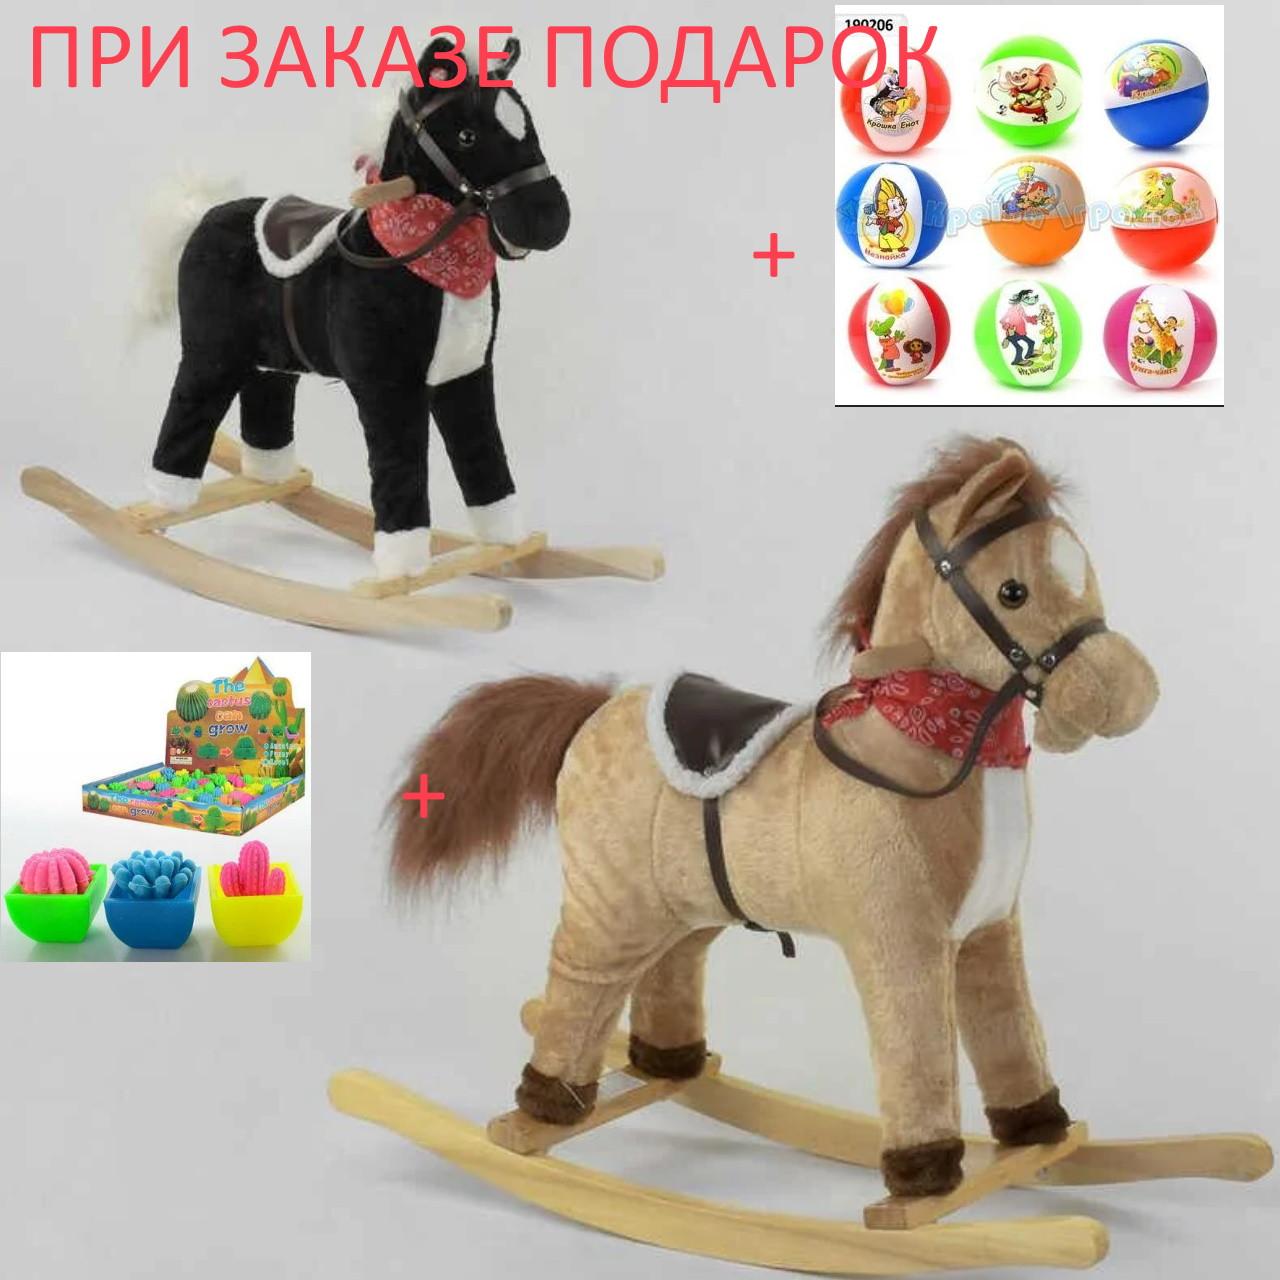 Качалка-конячка 65273 (8) 2 кольори, звукові ефекти, рухає хвостом